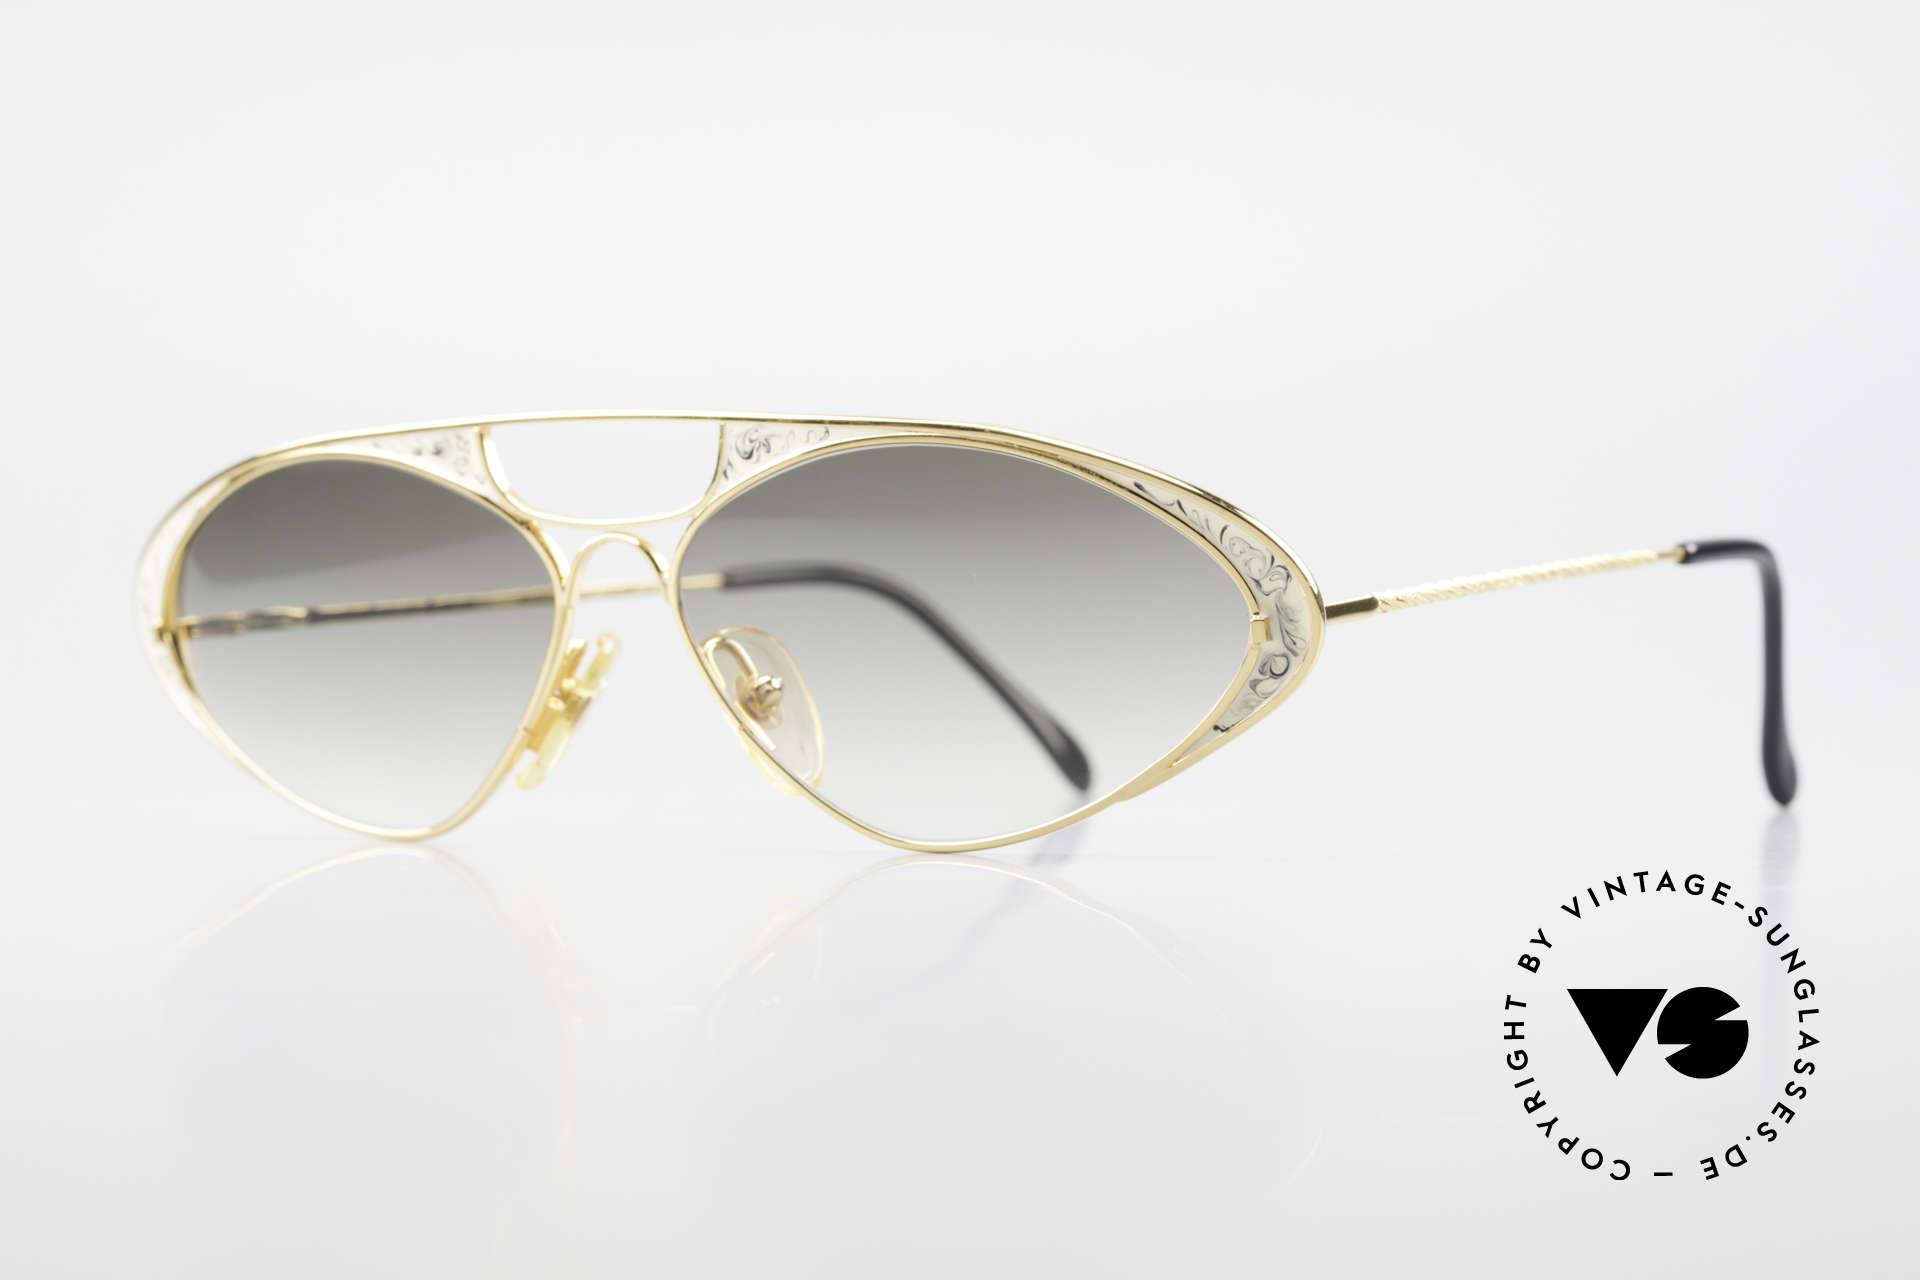 Casanova LC8 Vintage Sonnenbrille Damen, vergoldeter Rahmen mit grandiosen Verlaufsgläsern, Passend für Damen